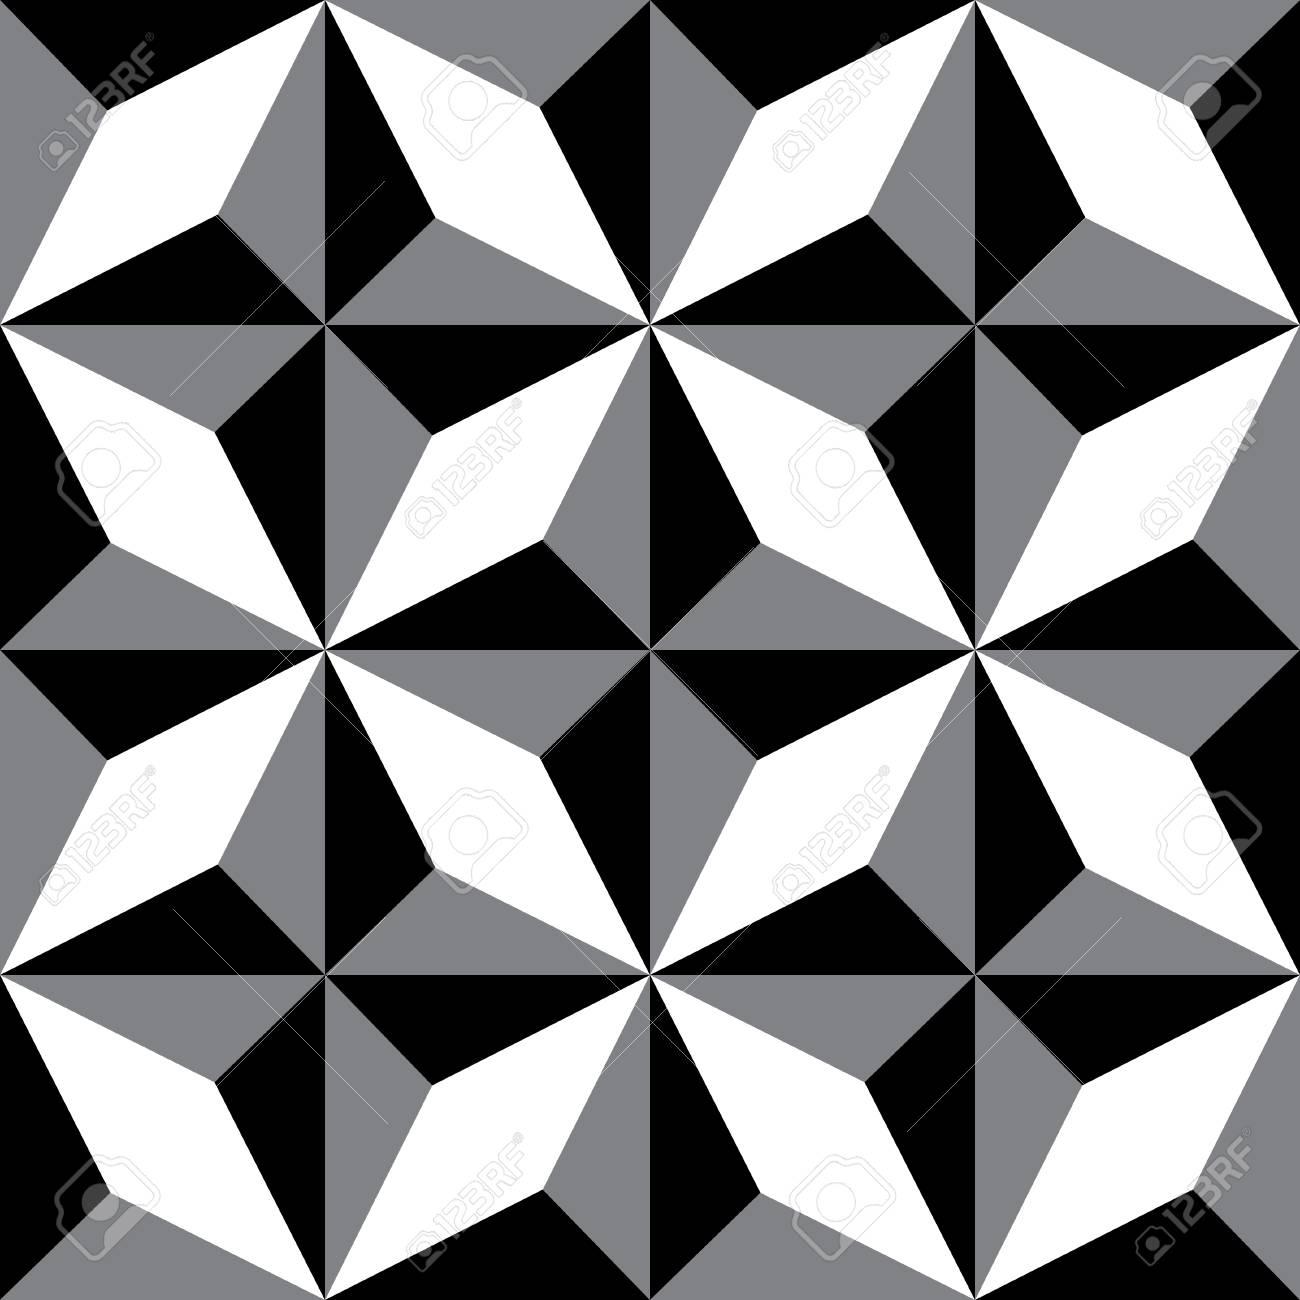 La répétition des motifs géométriques black white texture décorative répéter les tuiles géométriques